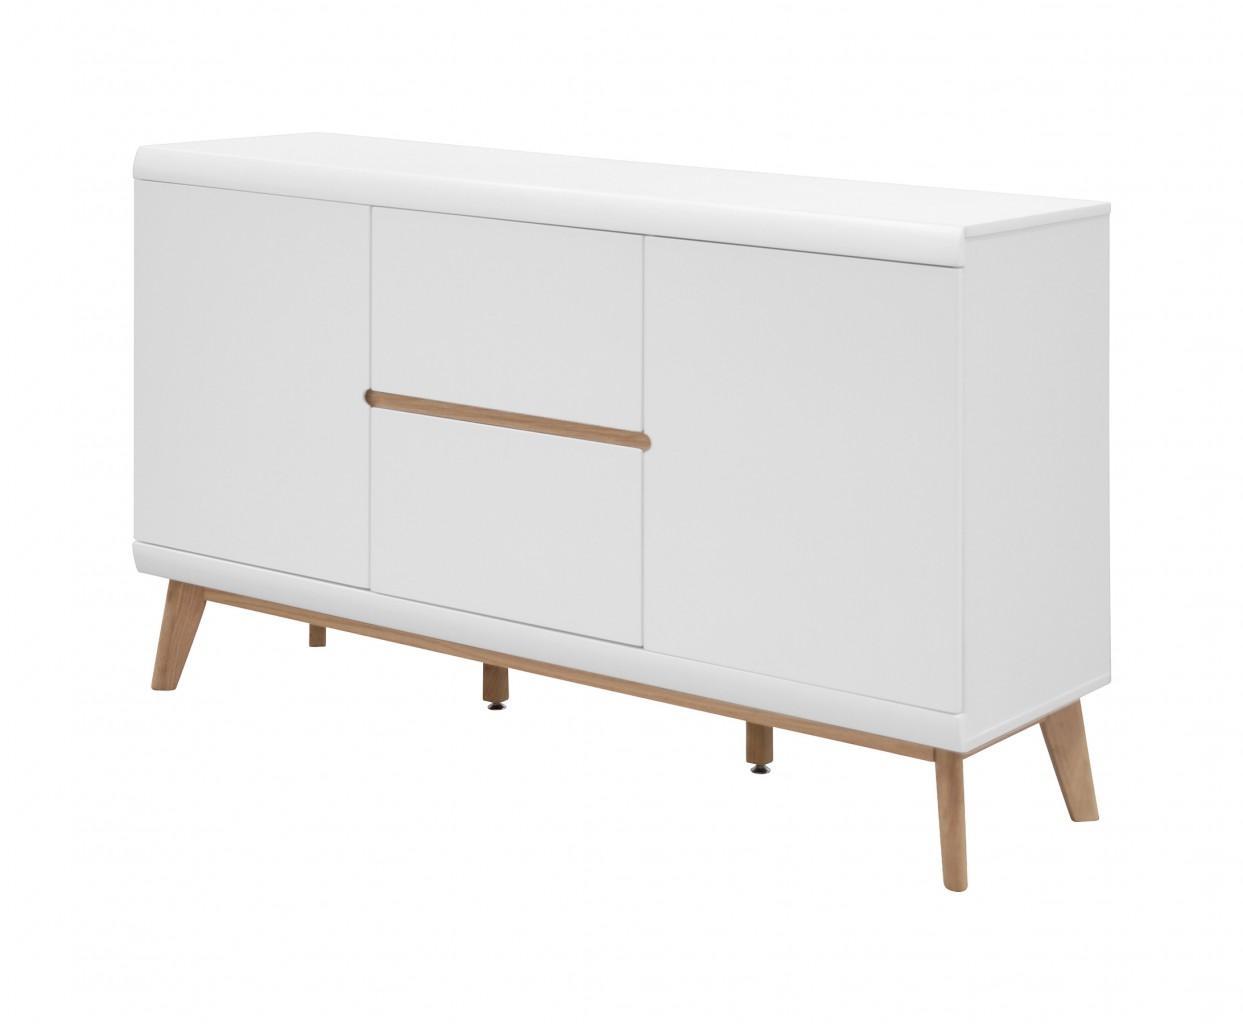 anrichte jazz sideboard mit 2 t ren skandi design matt wei lackiert. Black Bedroom Furniture Sets. Home Design Ideas